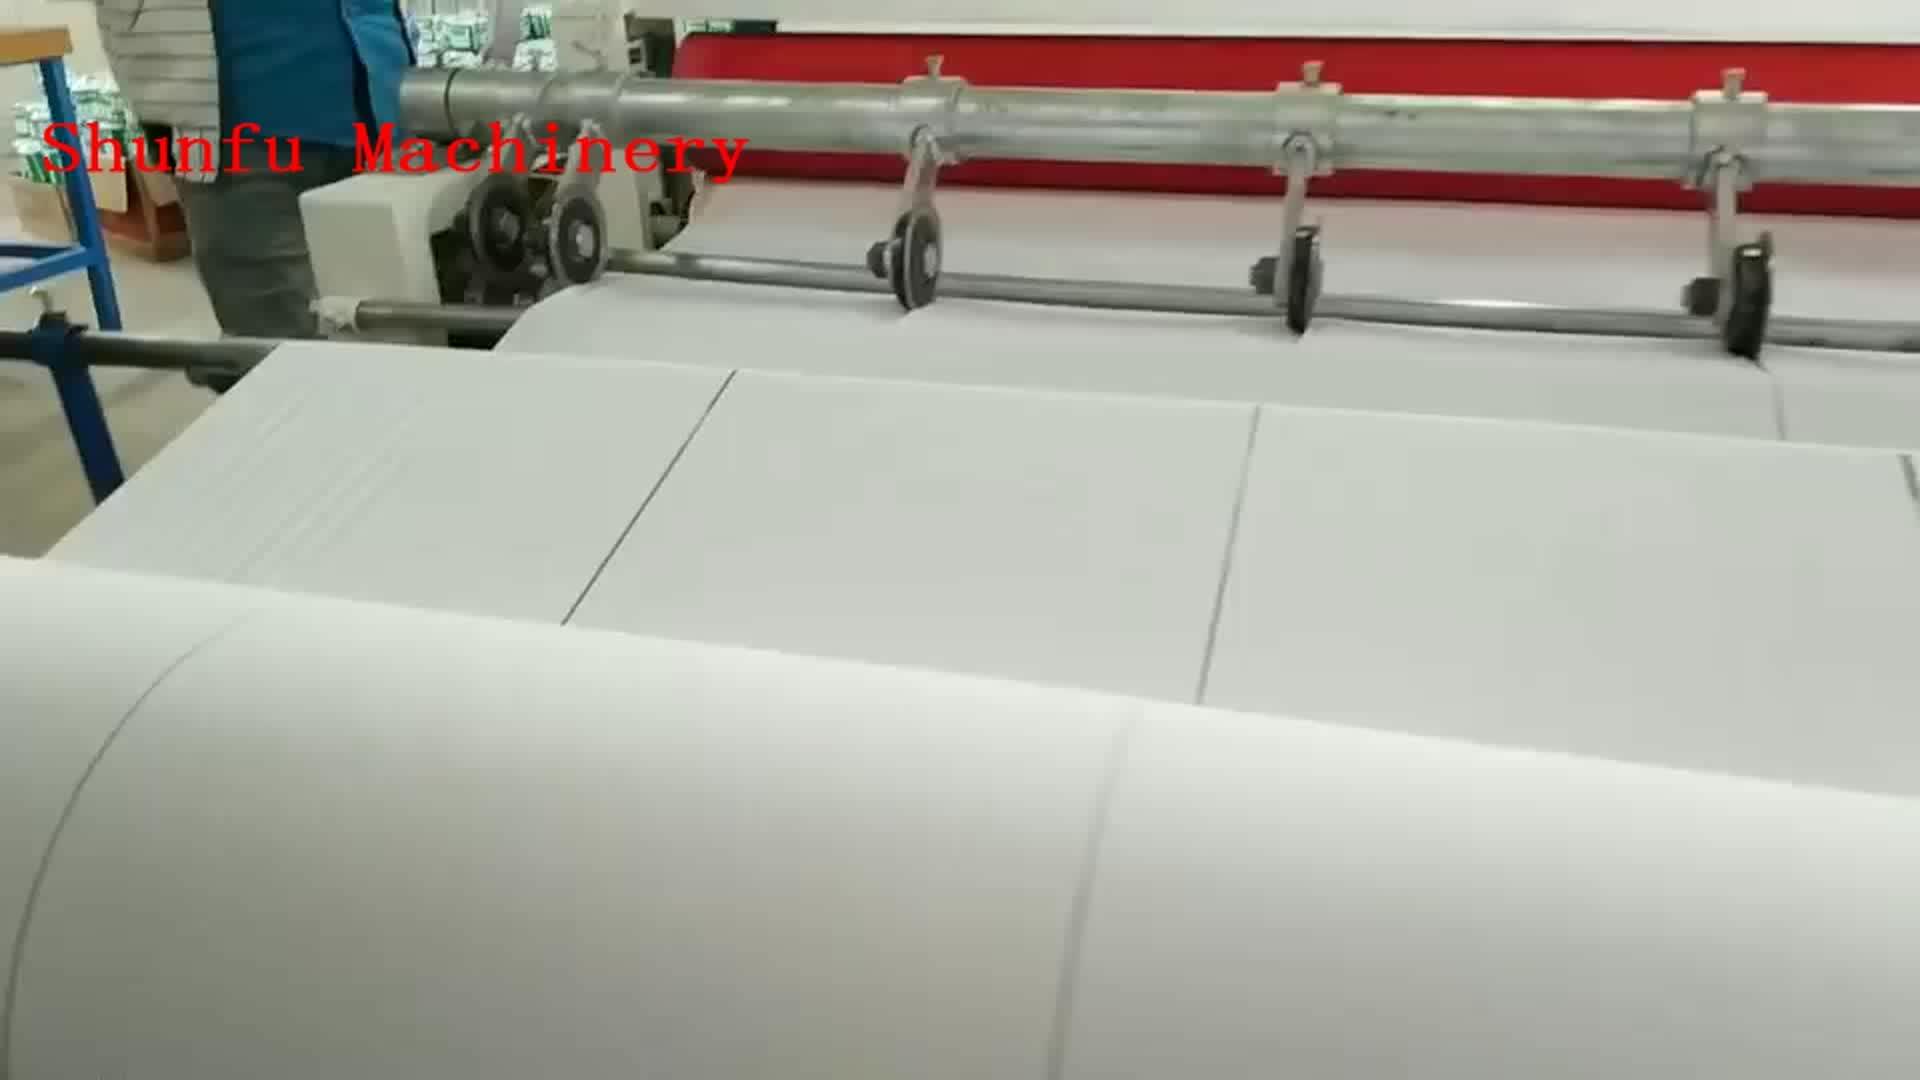 Bobine de haute qualité pour le rouleau de papier toilette, machine à refendre